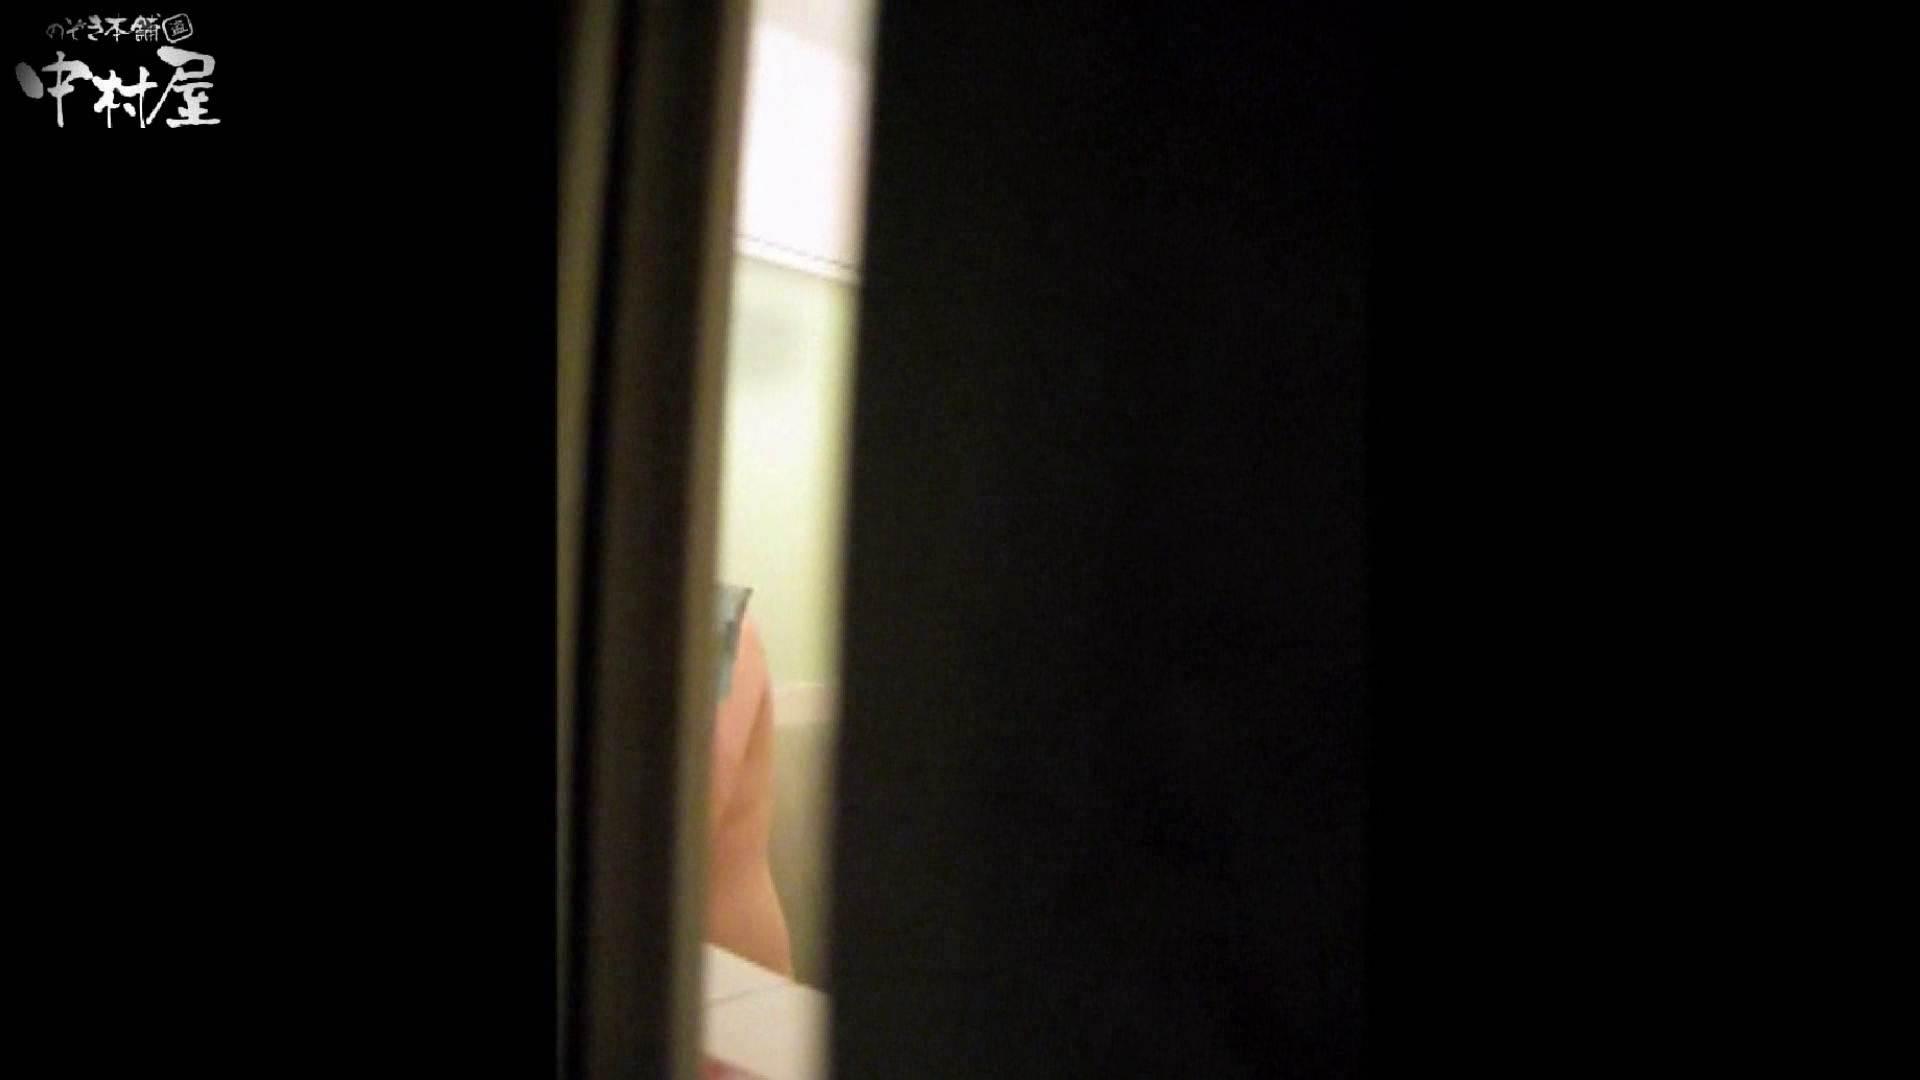 民家風呂専門盗撮師の超危険映像 vol.015 エロい美少女 オマンコ動画キャプチャ 99PIX 94